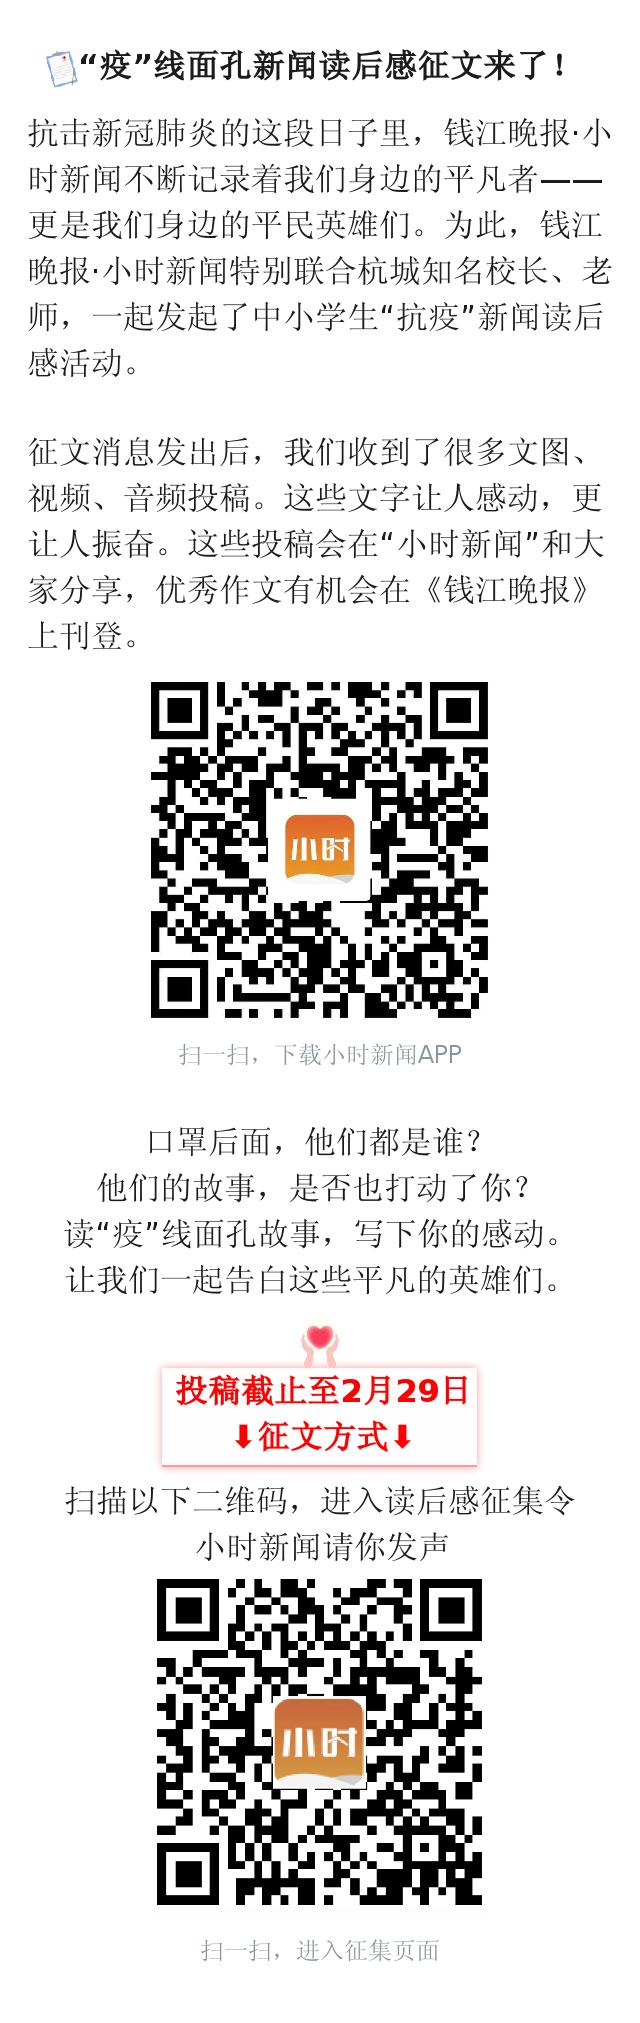 微信图片_20200220111108.png